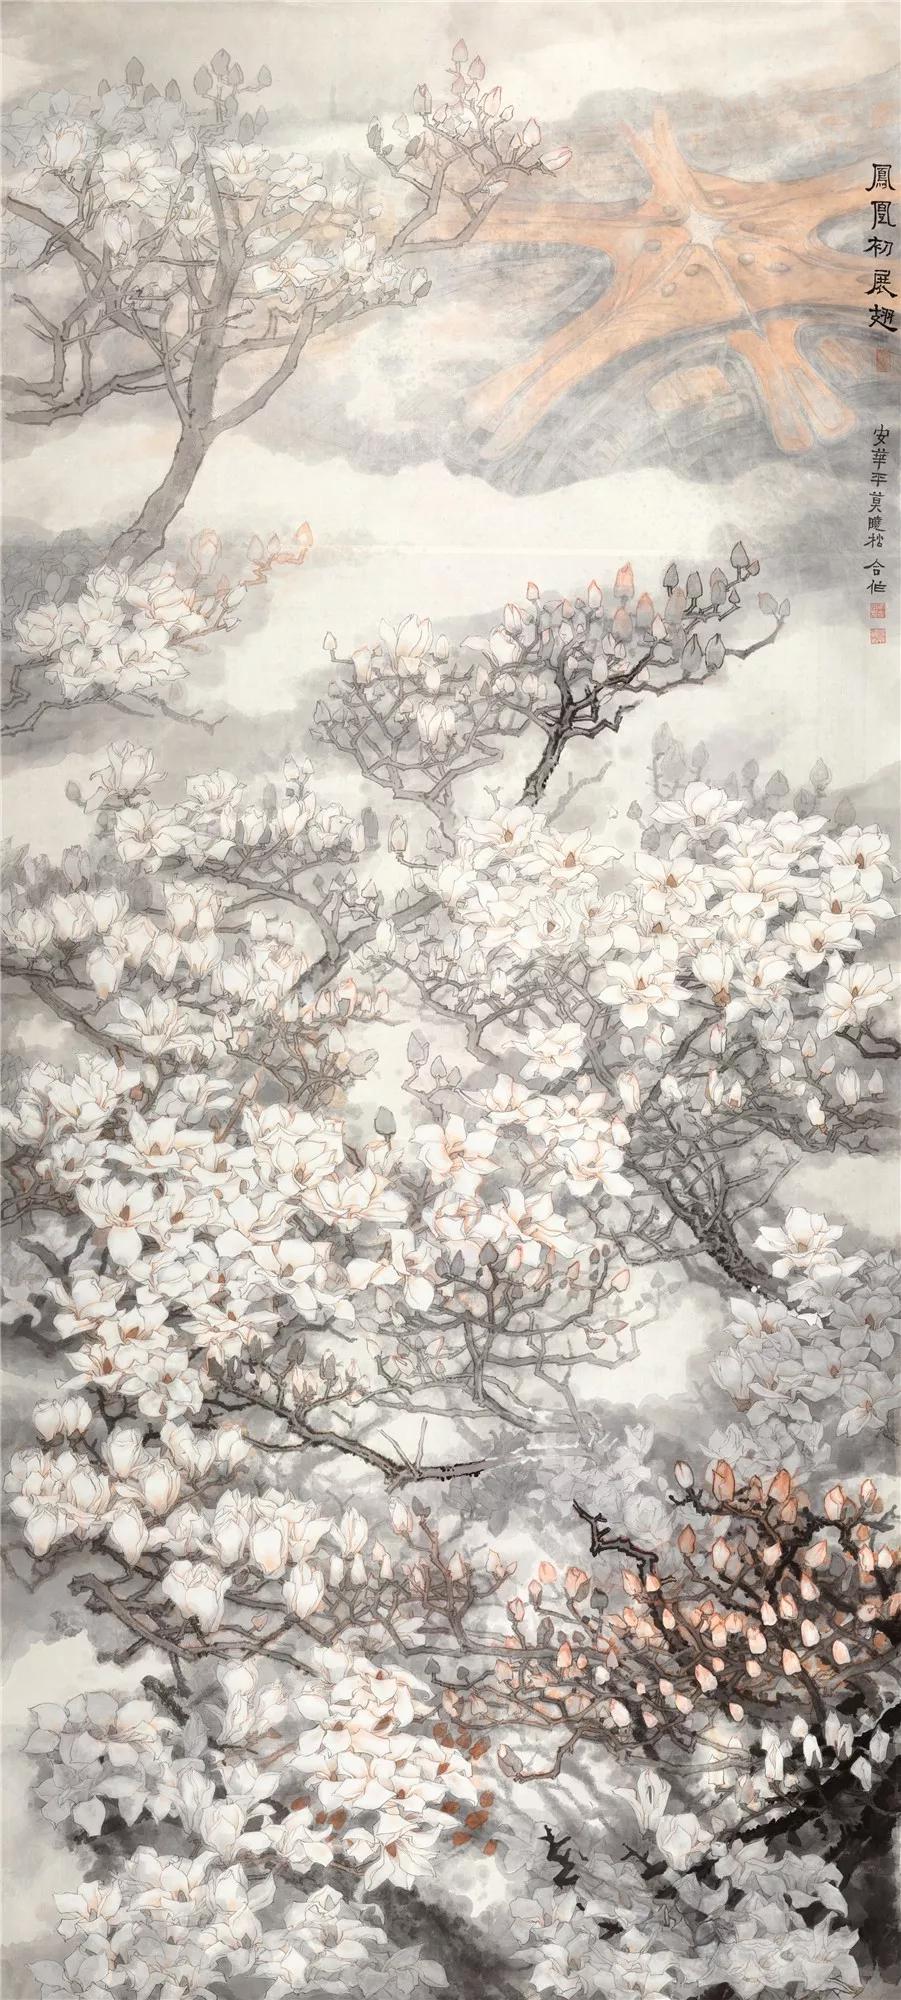 《凤凰初展翅》 莫晓松、安华平 344×156cm 绢本设色 2019年